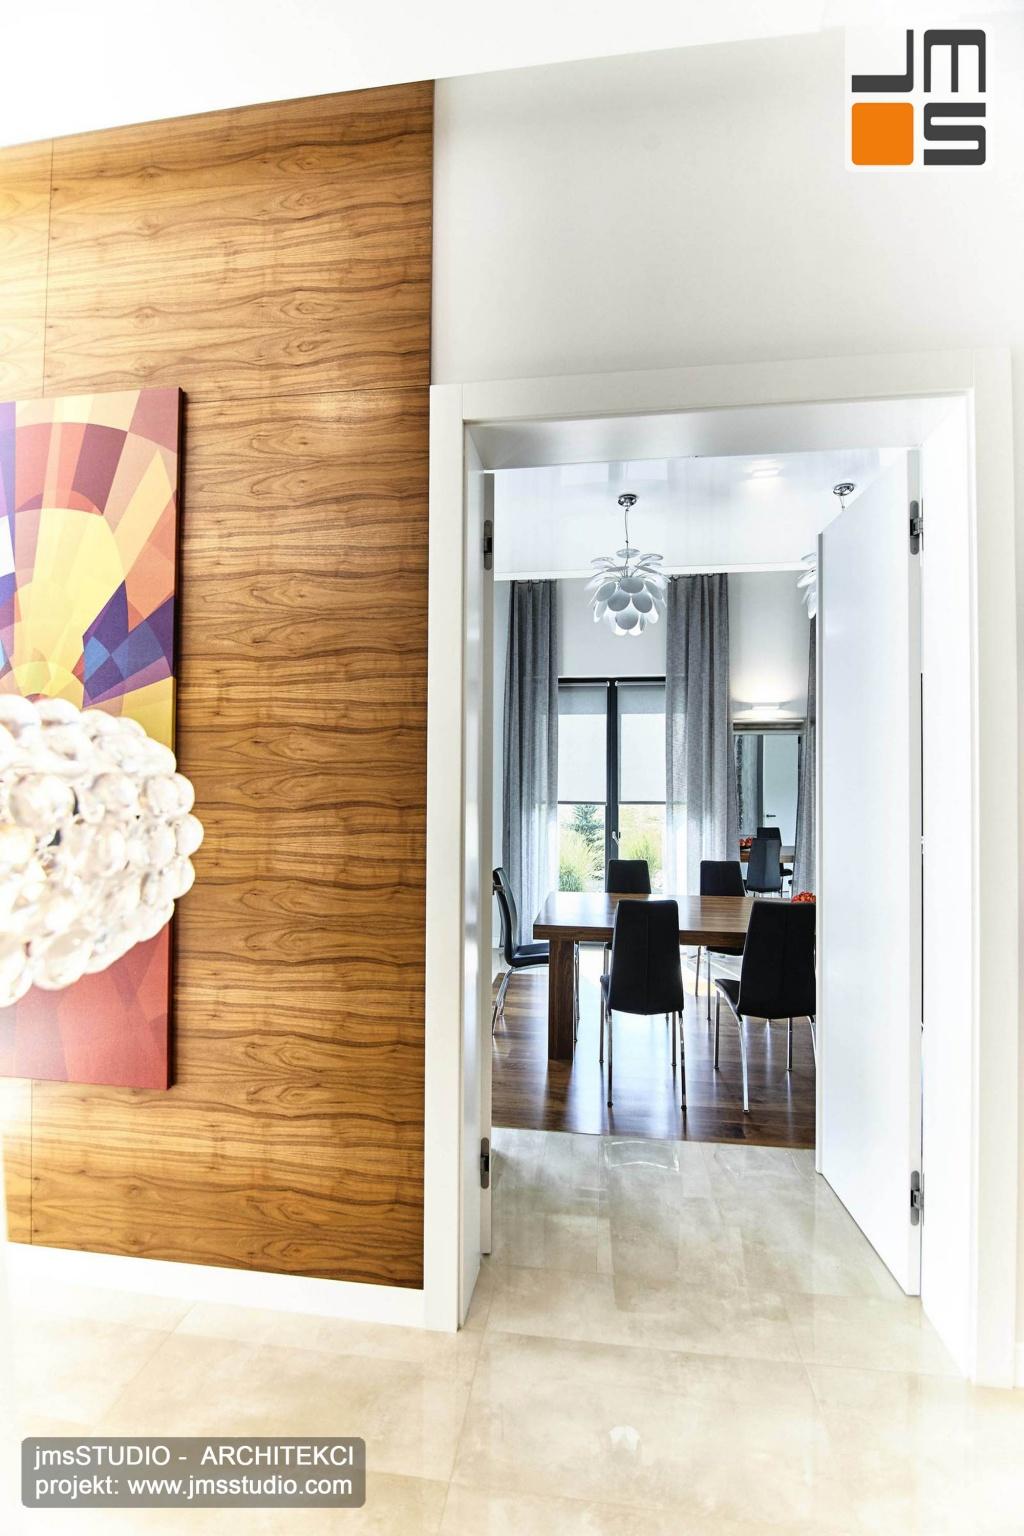 2018 06 z przestrzeni salonu z ciekawą grafiką na ścianie można przejść do elegancko zaprojektowanego wnętrza jadalni z dużym stołem i ciekawymi lampami